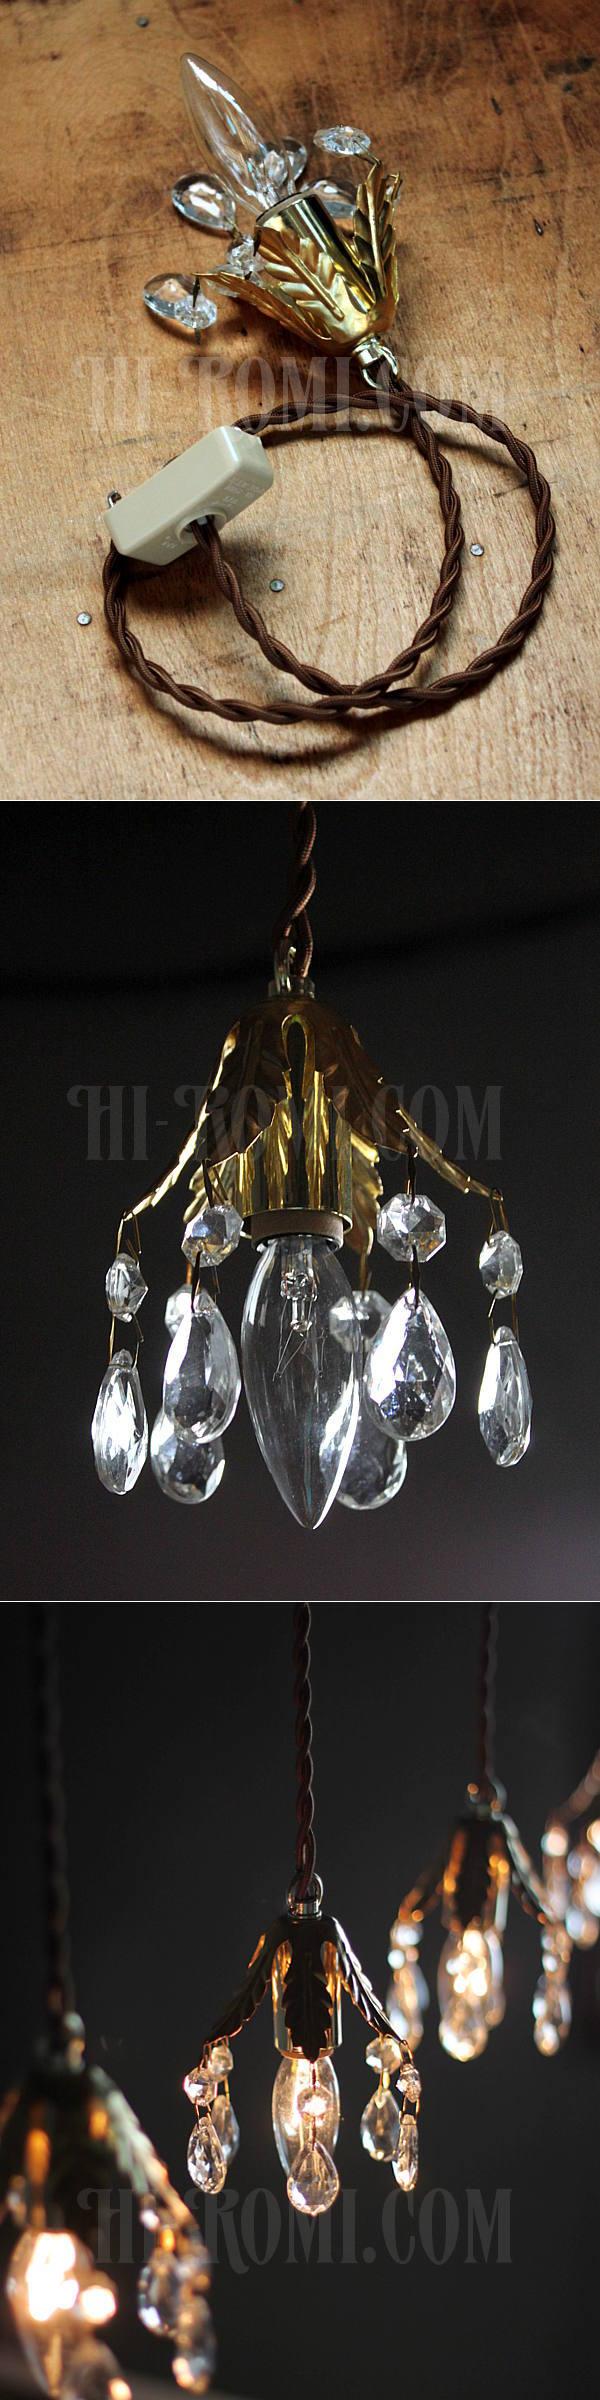 ヴィンテージフラワーカップミニプリズムペンダントランプA/アンティークシャンデリア照明ライト